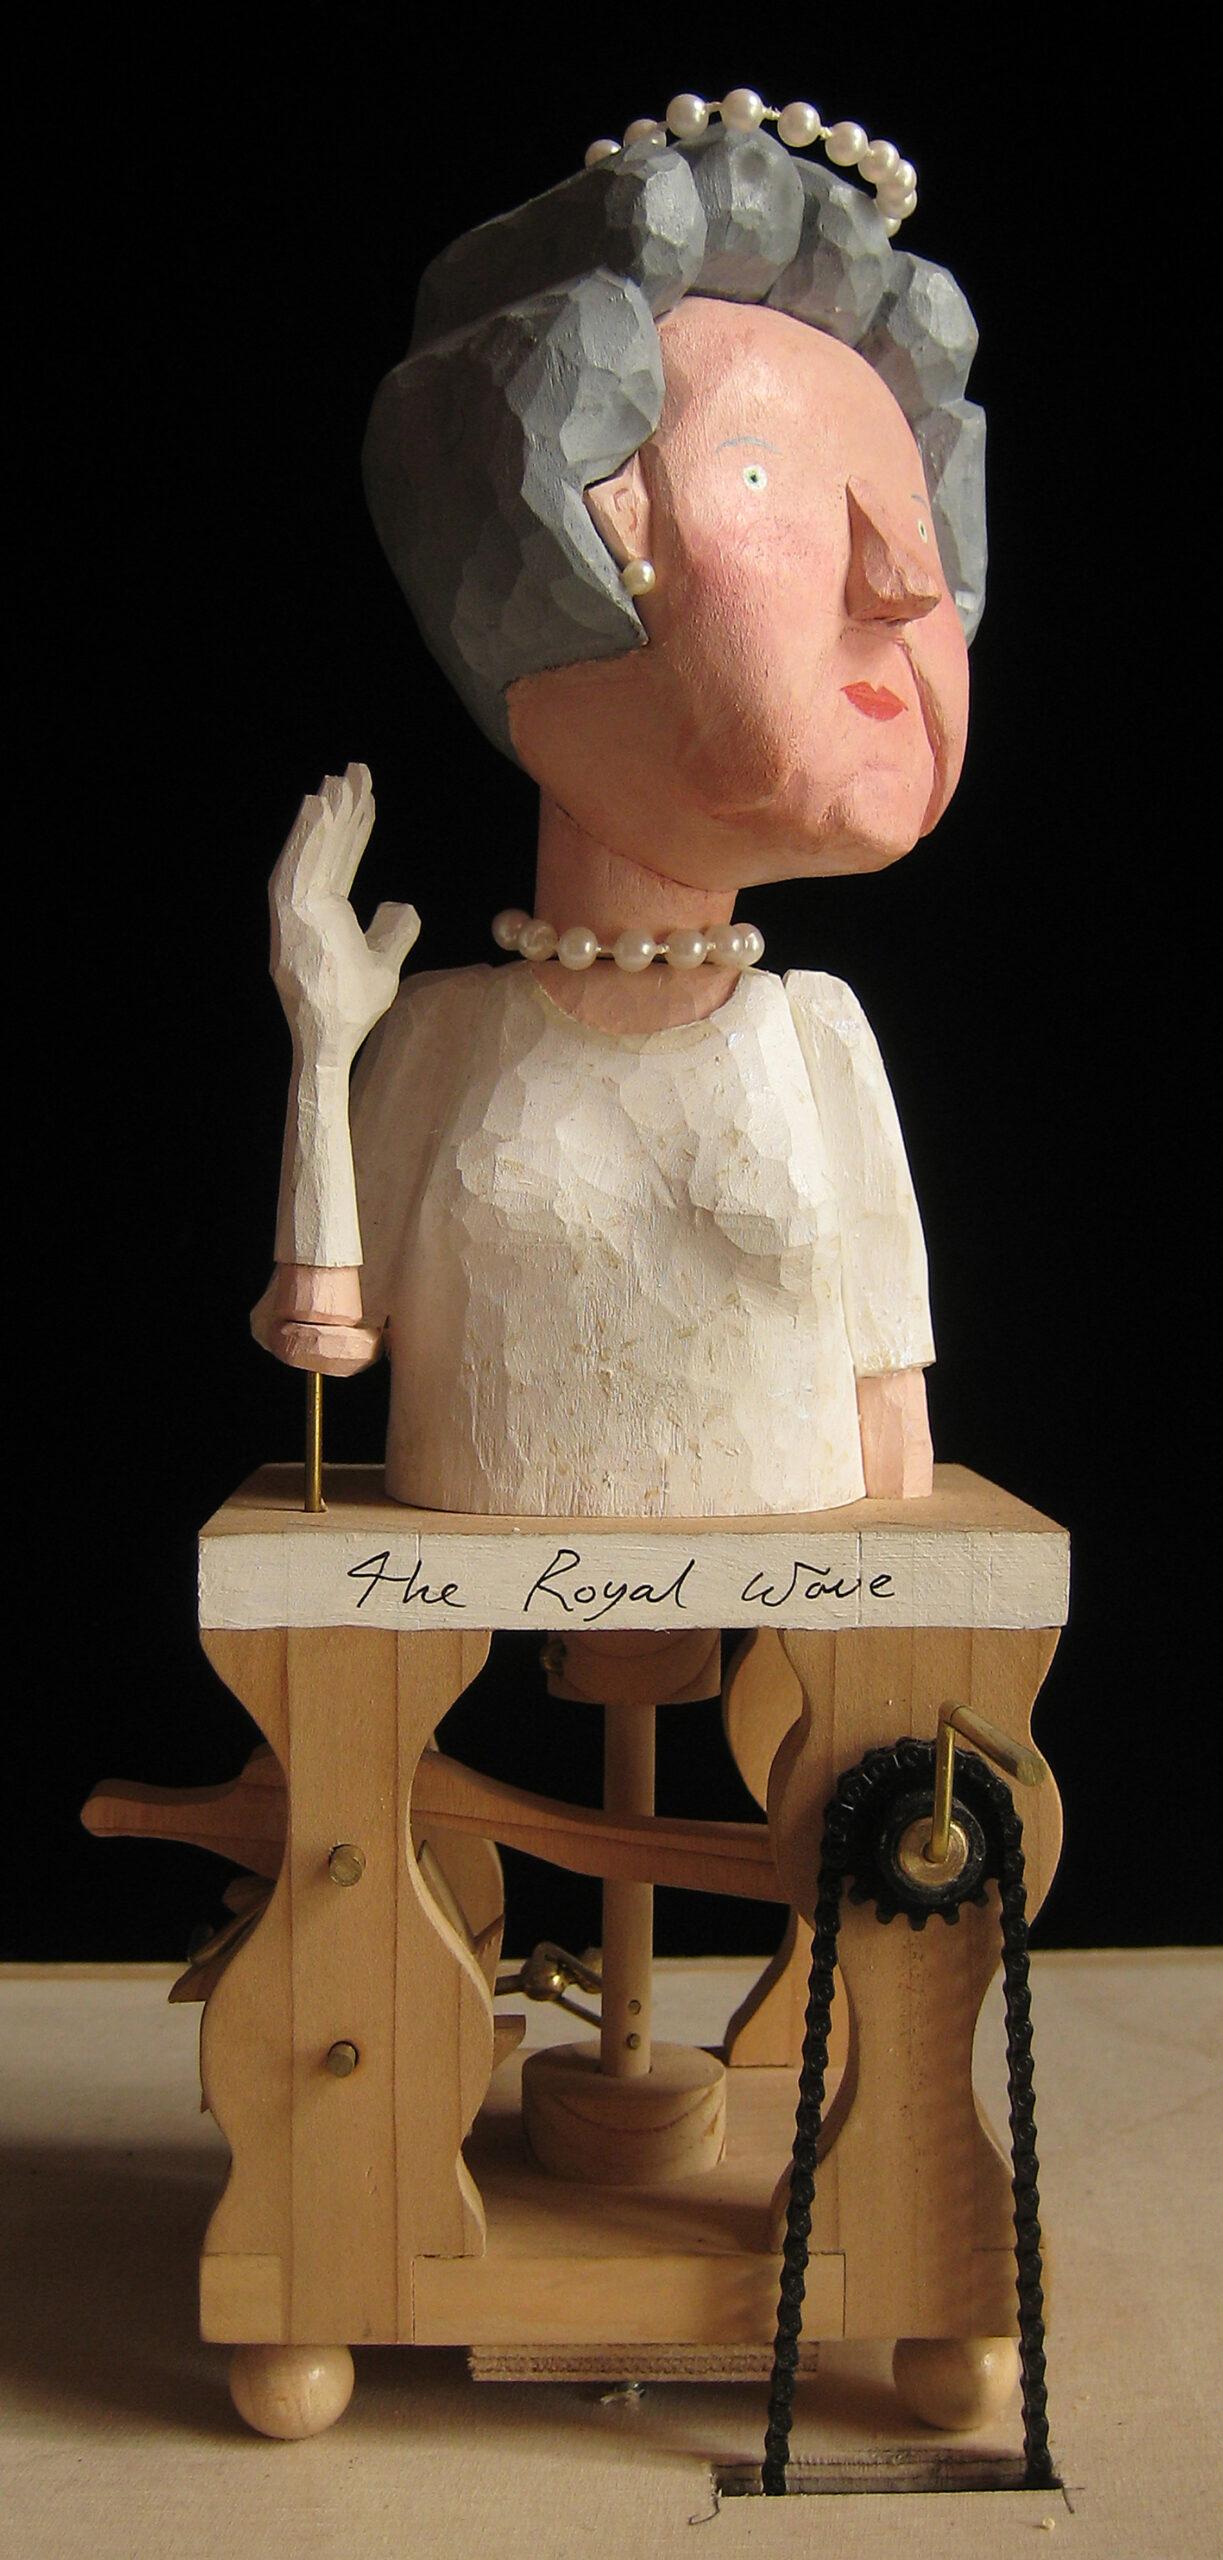 A mechanical wooden sculpture of the Queen